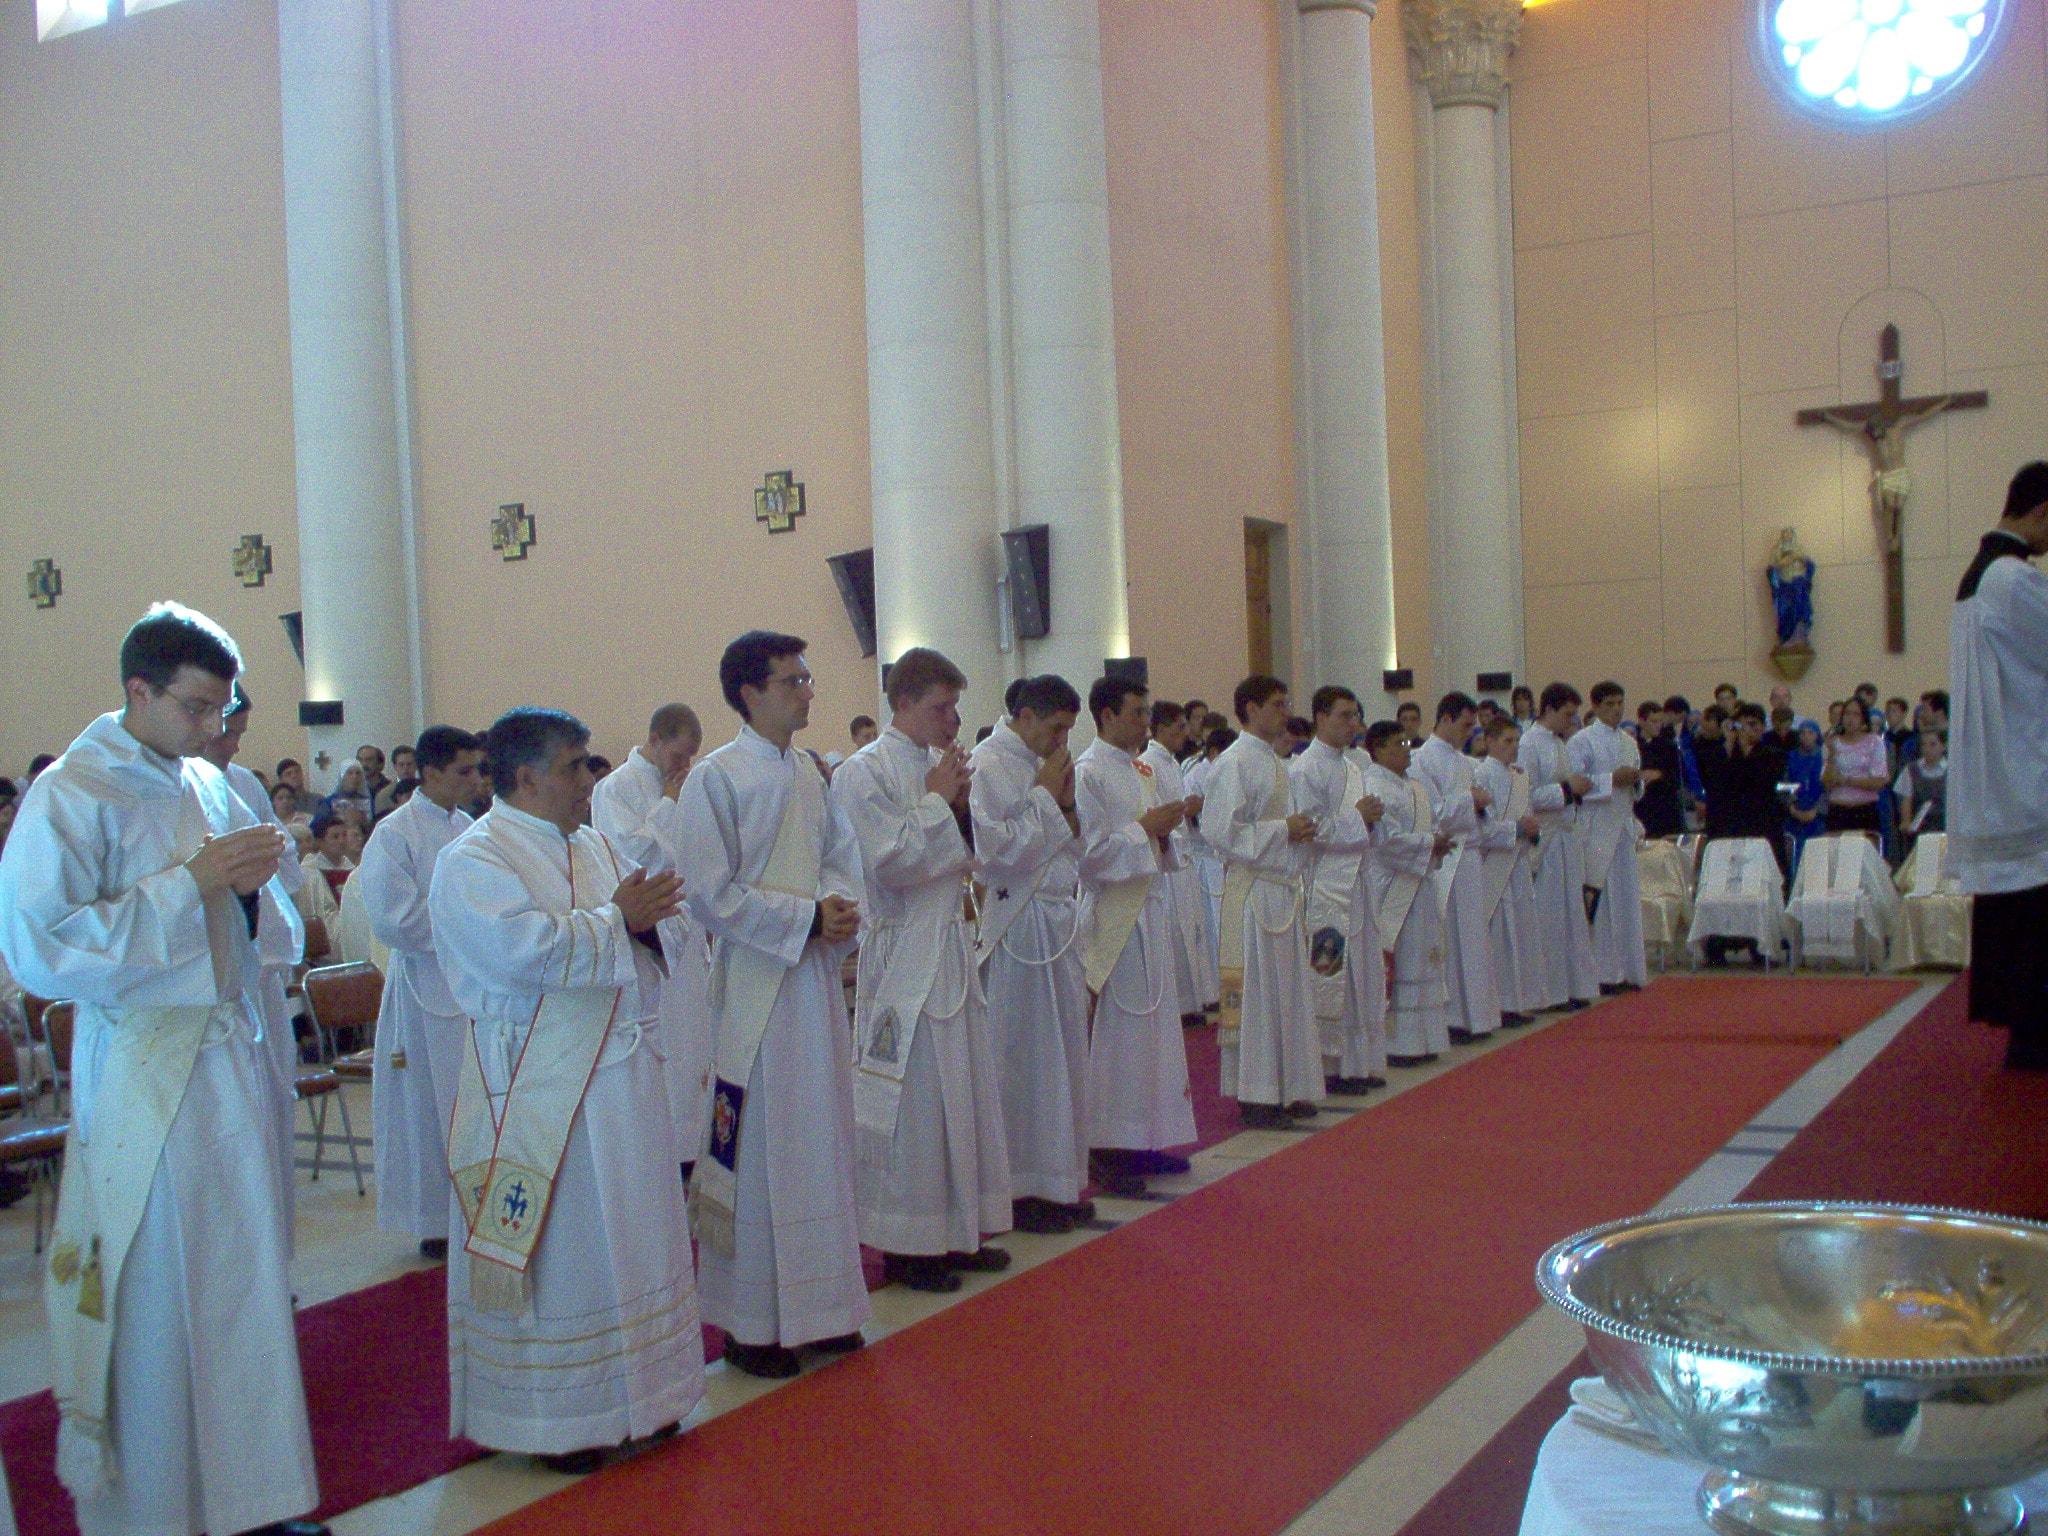 TÚNEZ: 15° aniversario sacerdotal del P. Silvio Moreno